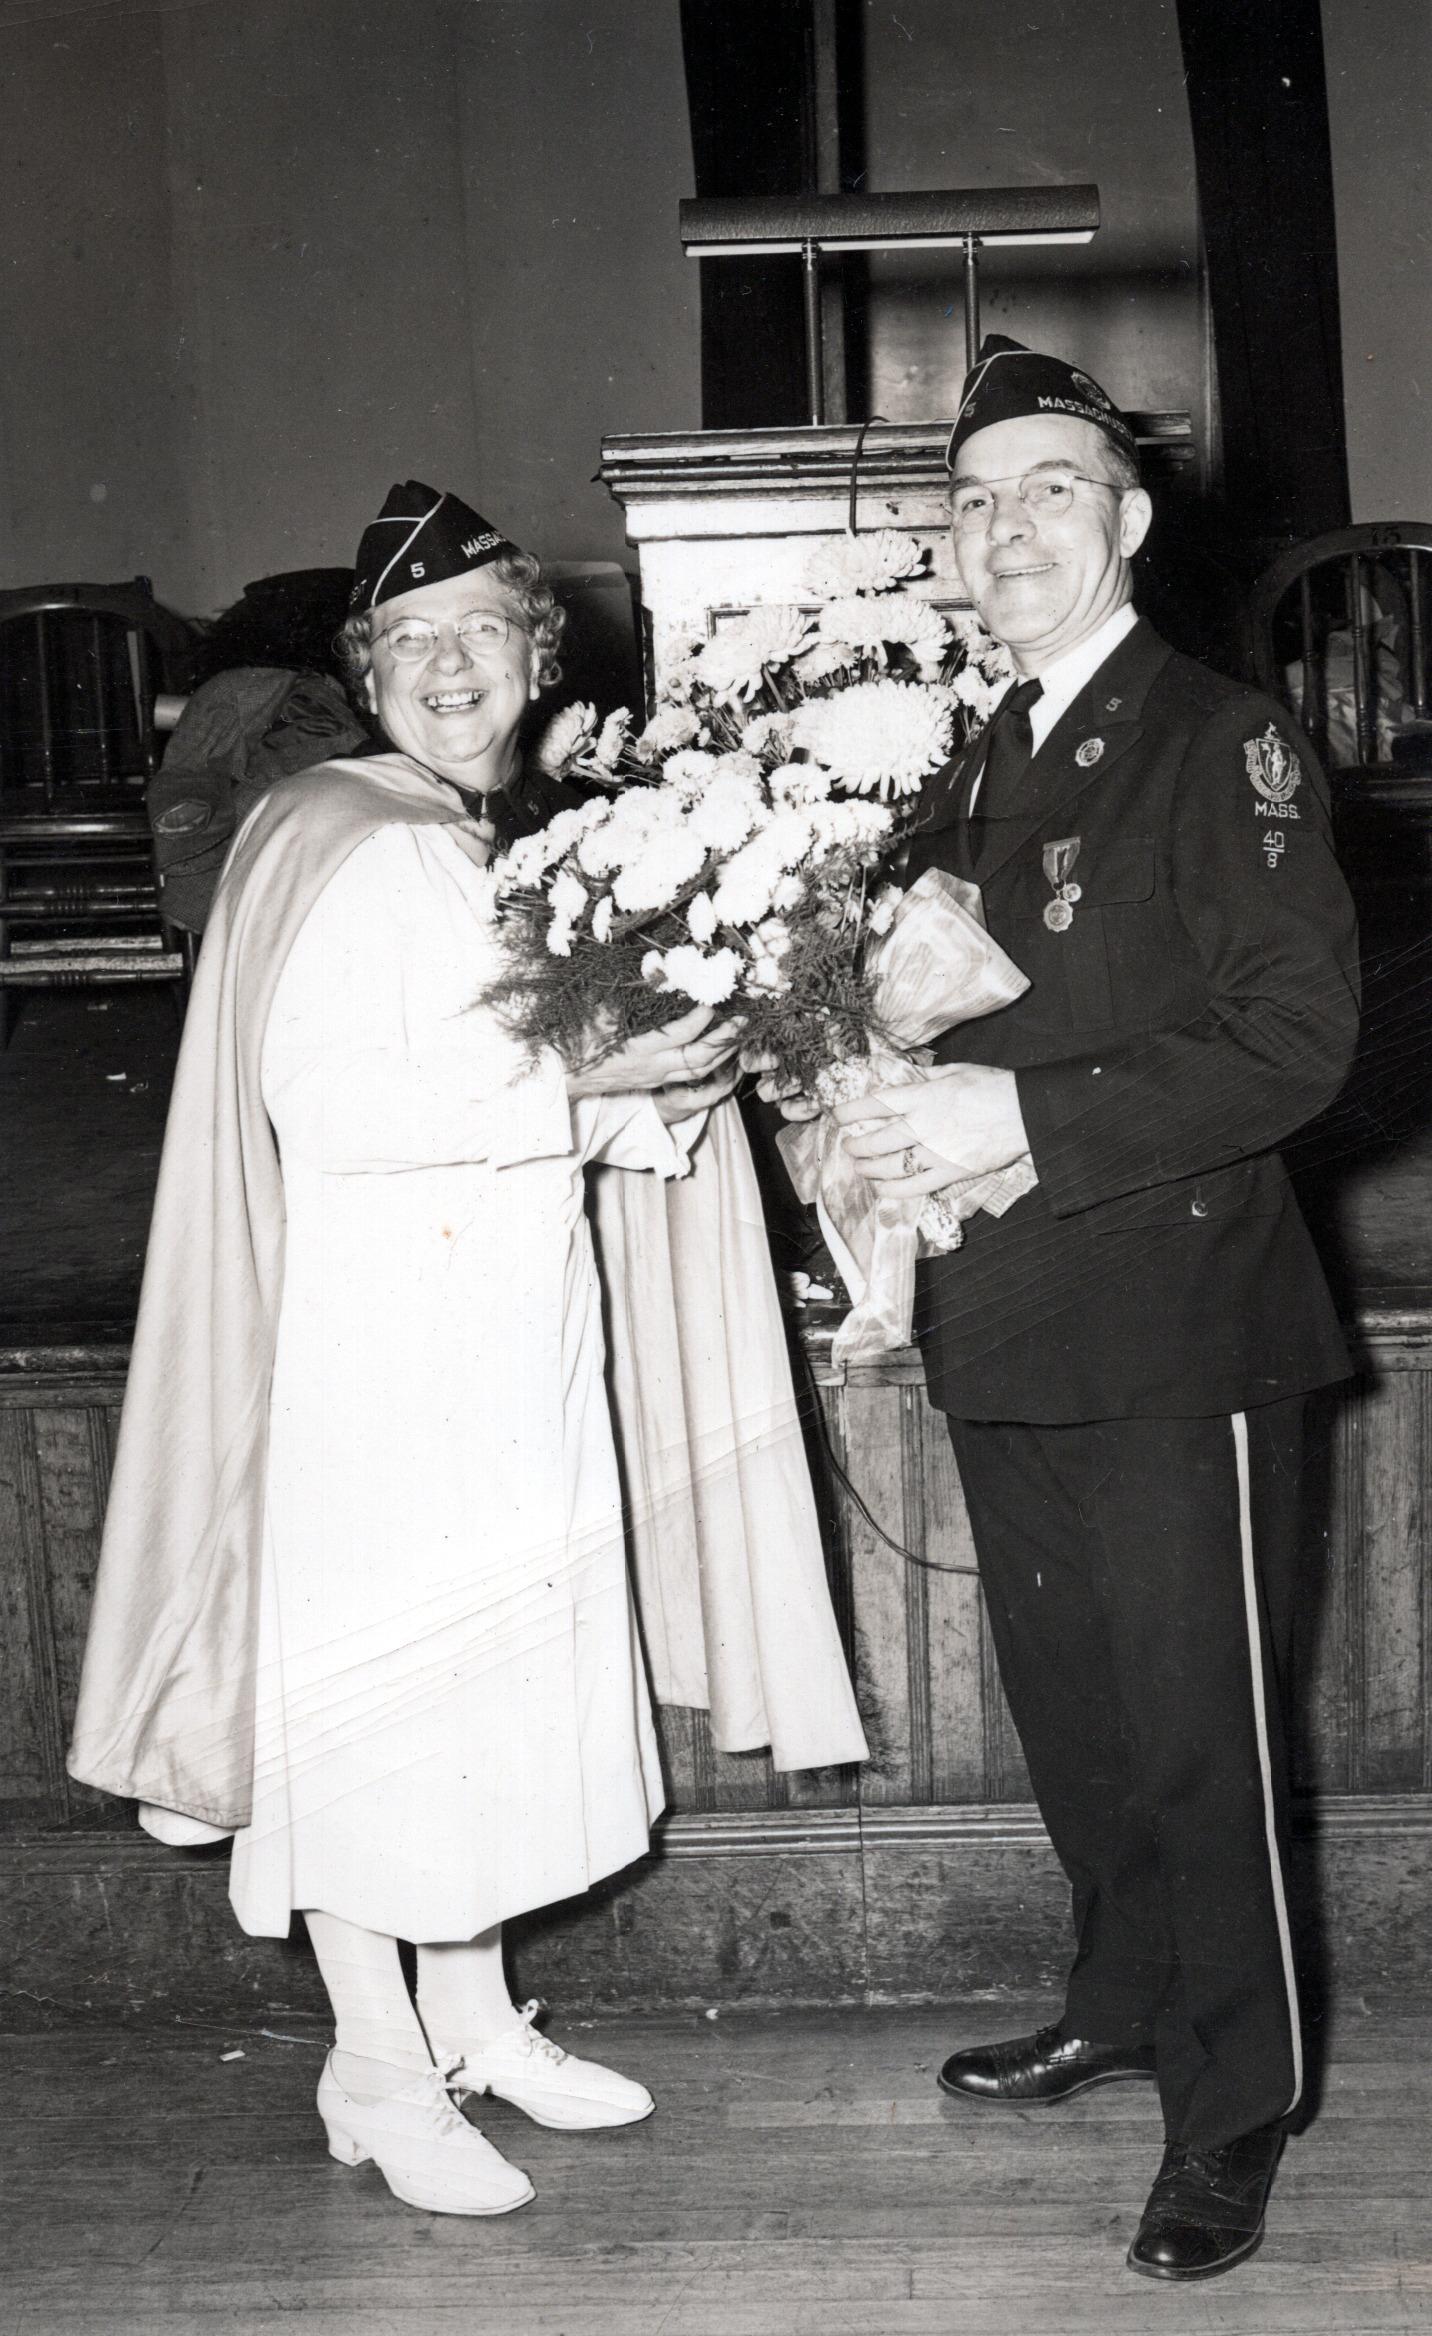 Ruth & Frank Mcgrath - Oct 7, 1948